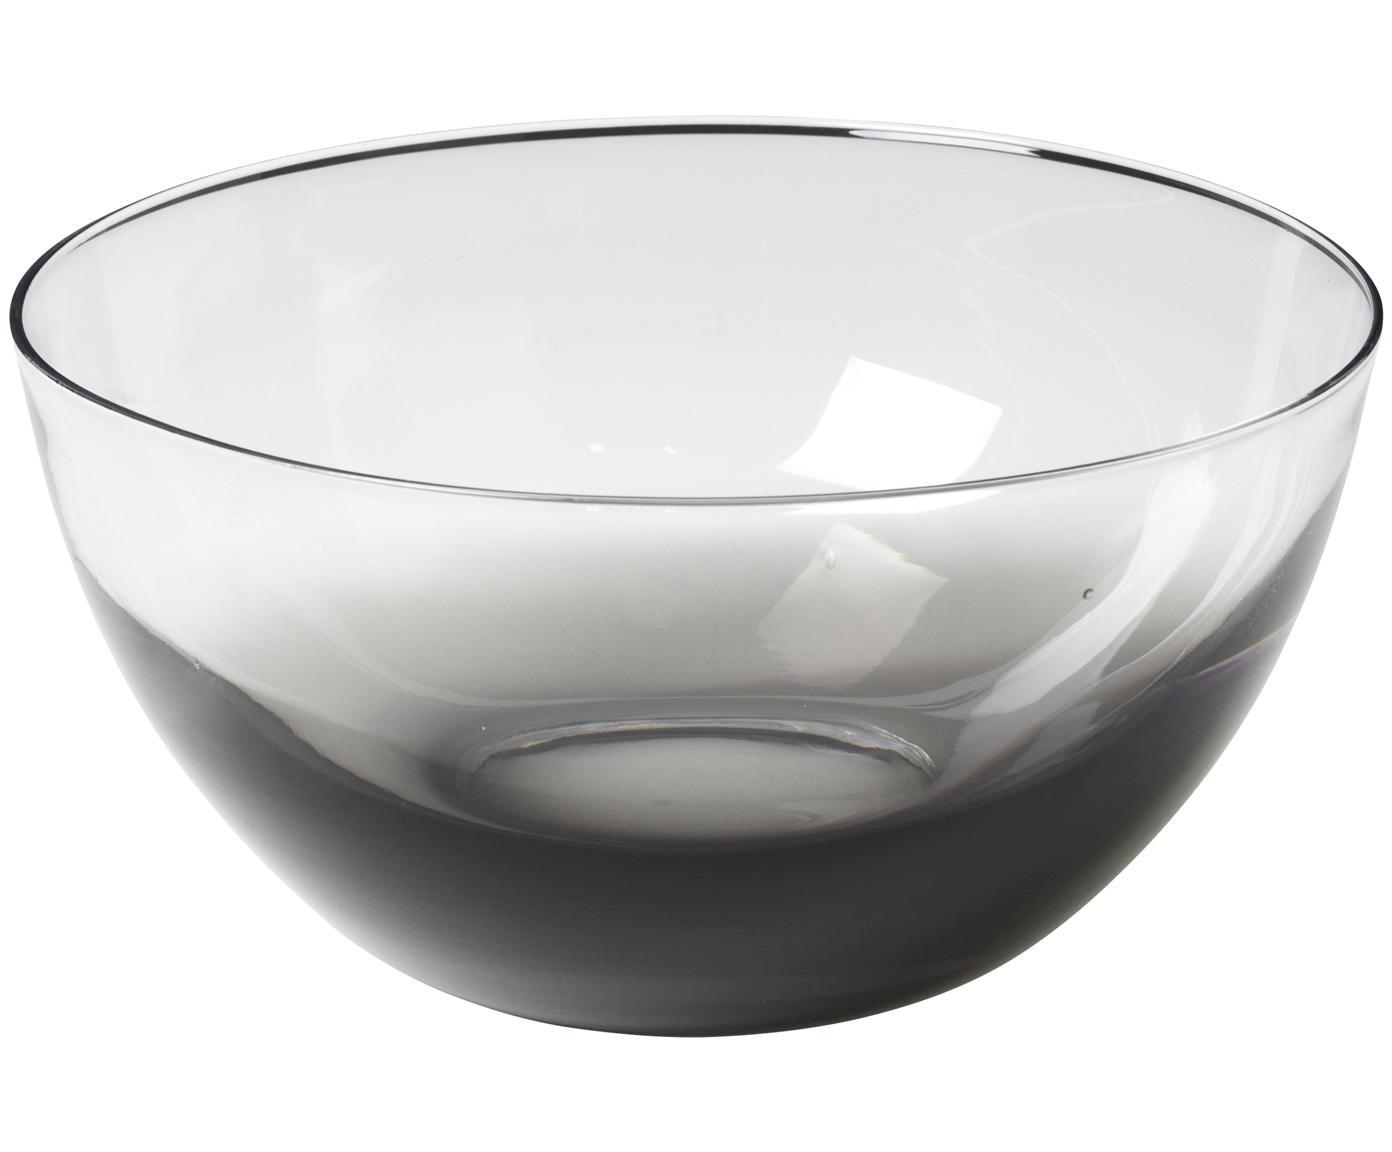 Miska ze szkła dmuchanego, Szkło, Ciemny szary, transparentny, Ø 25 x W 12 cm